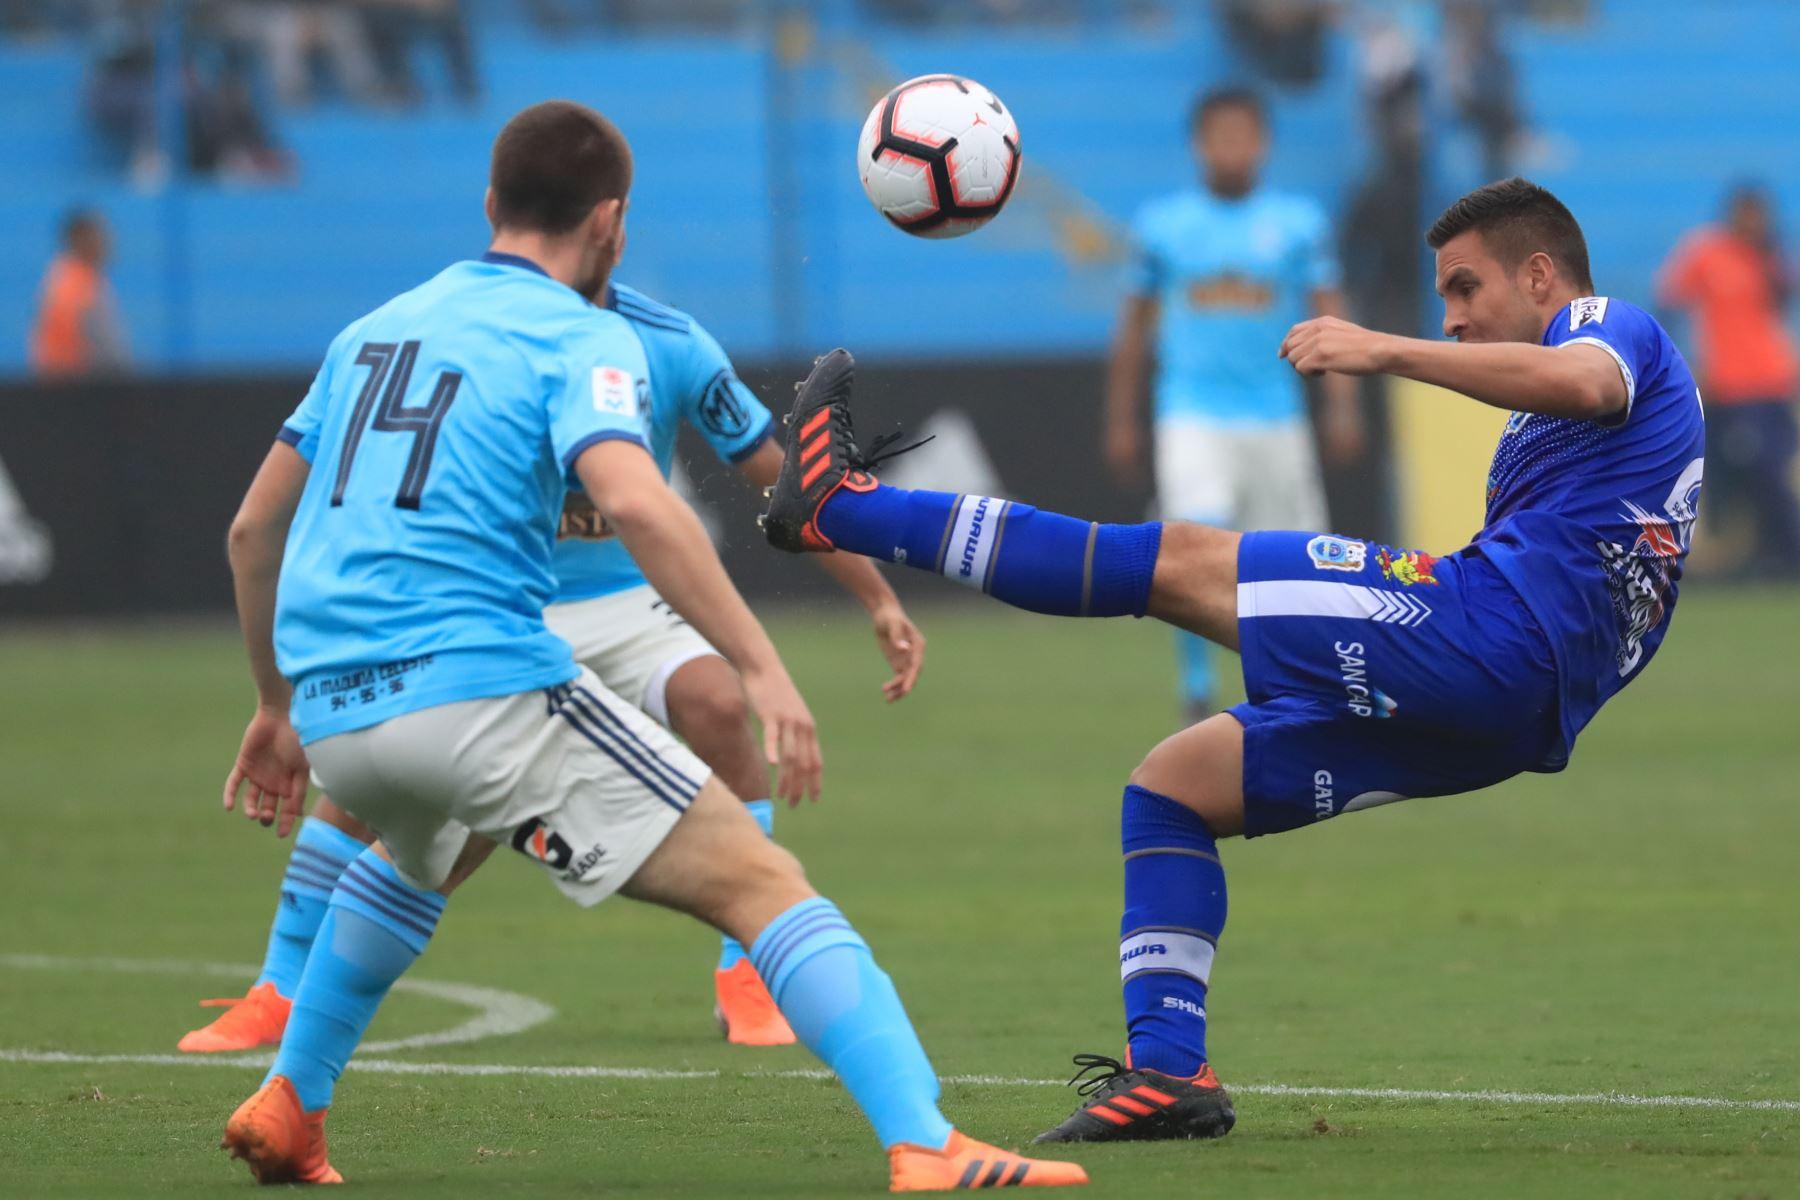 Sporting Cristal derrotó al Binacional por tres tantos a uno.  Foto: ANDINA/Juan Carlos Guzmán Negrini.